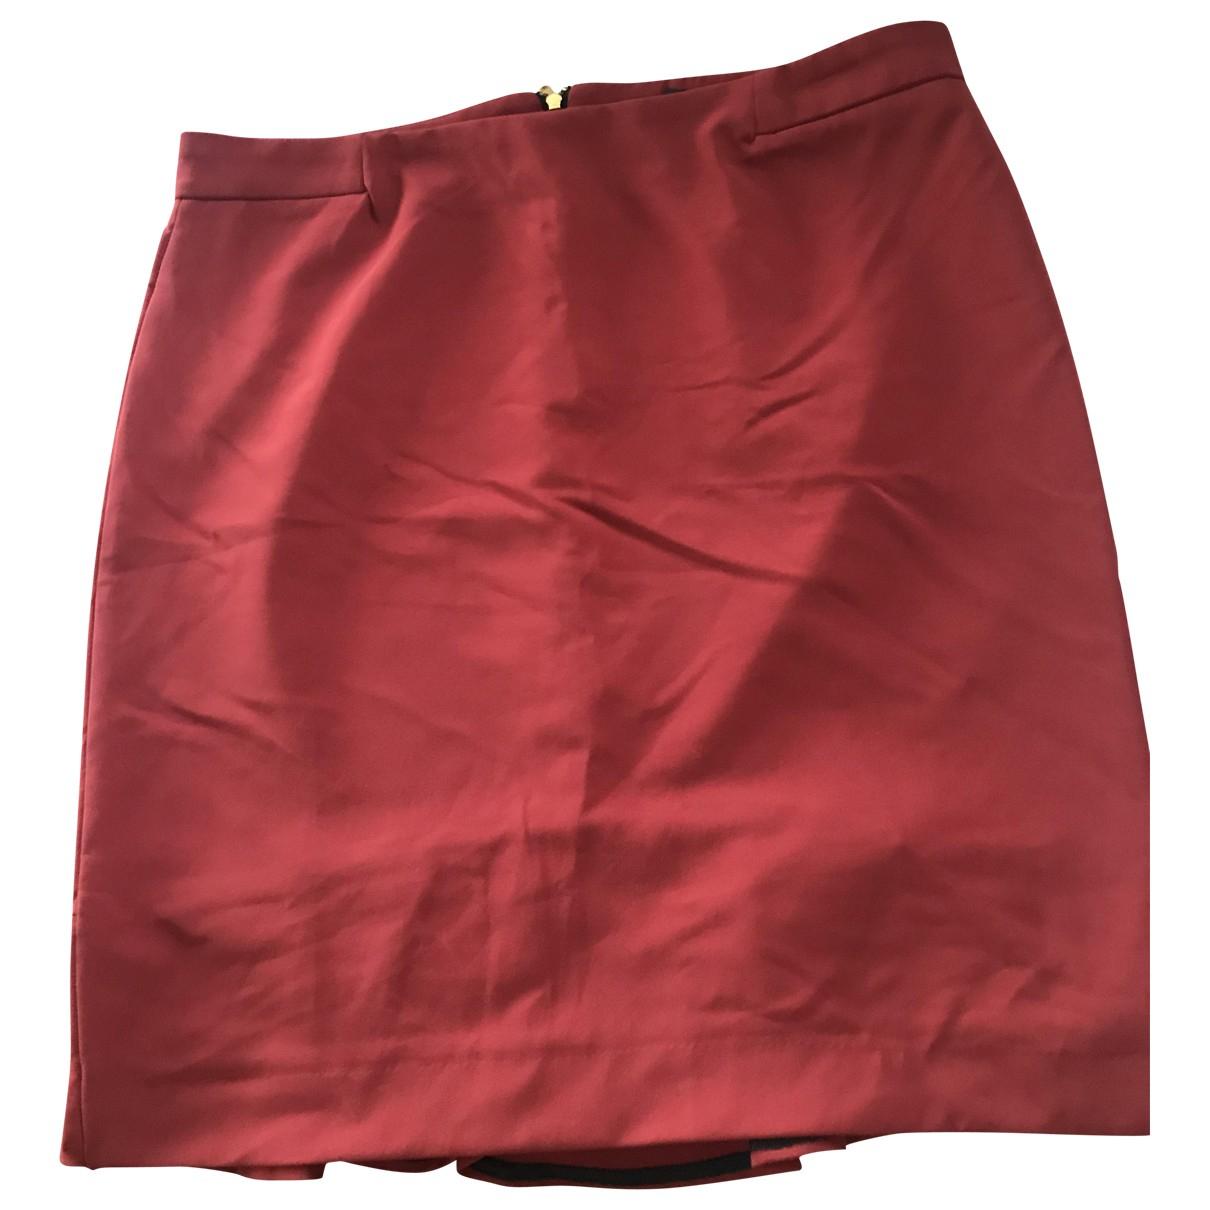 Zara \N Red skirt for Women XL International